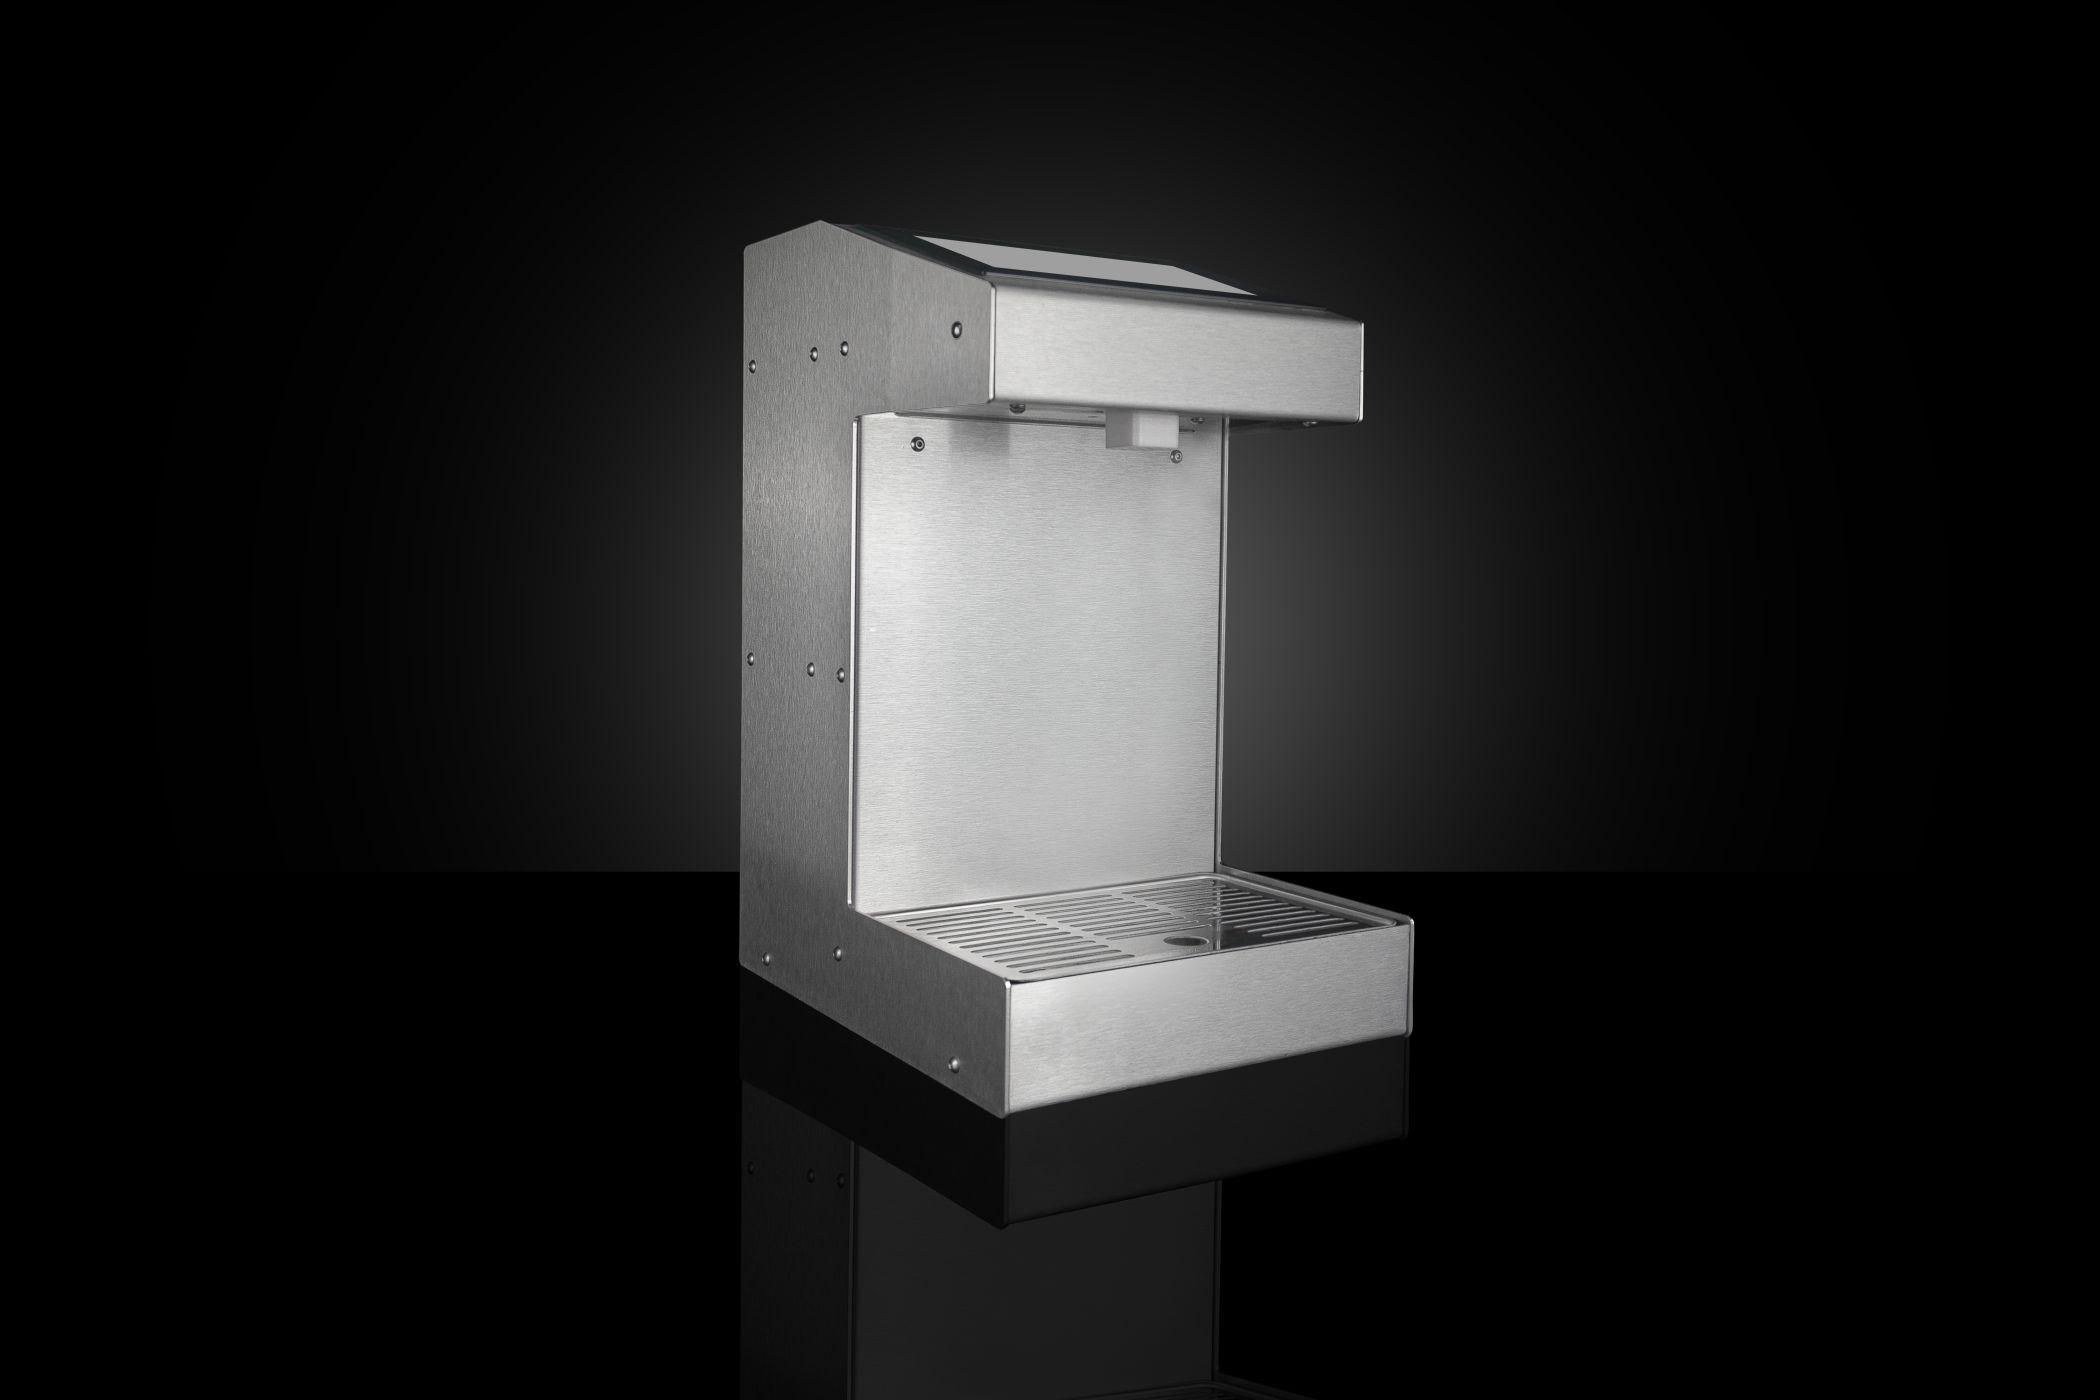 Automat von Tapmatrix mit Blexonteilen von Blexon